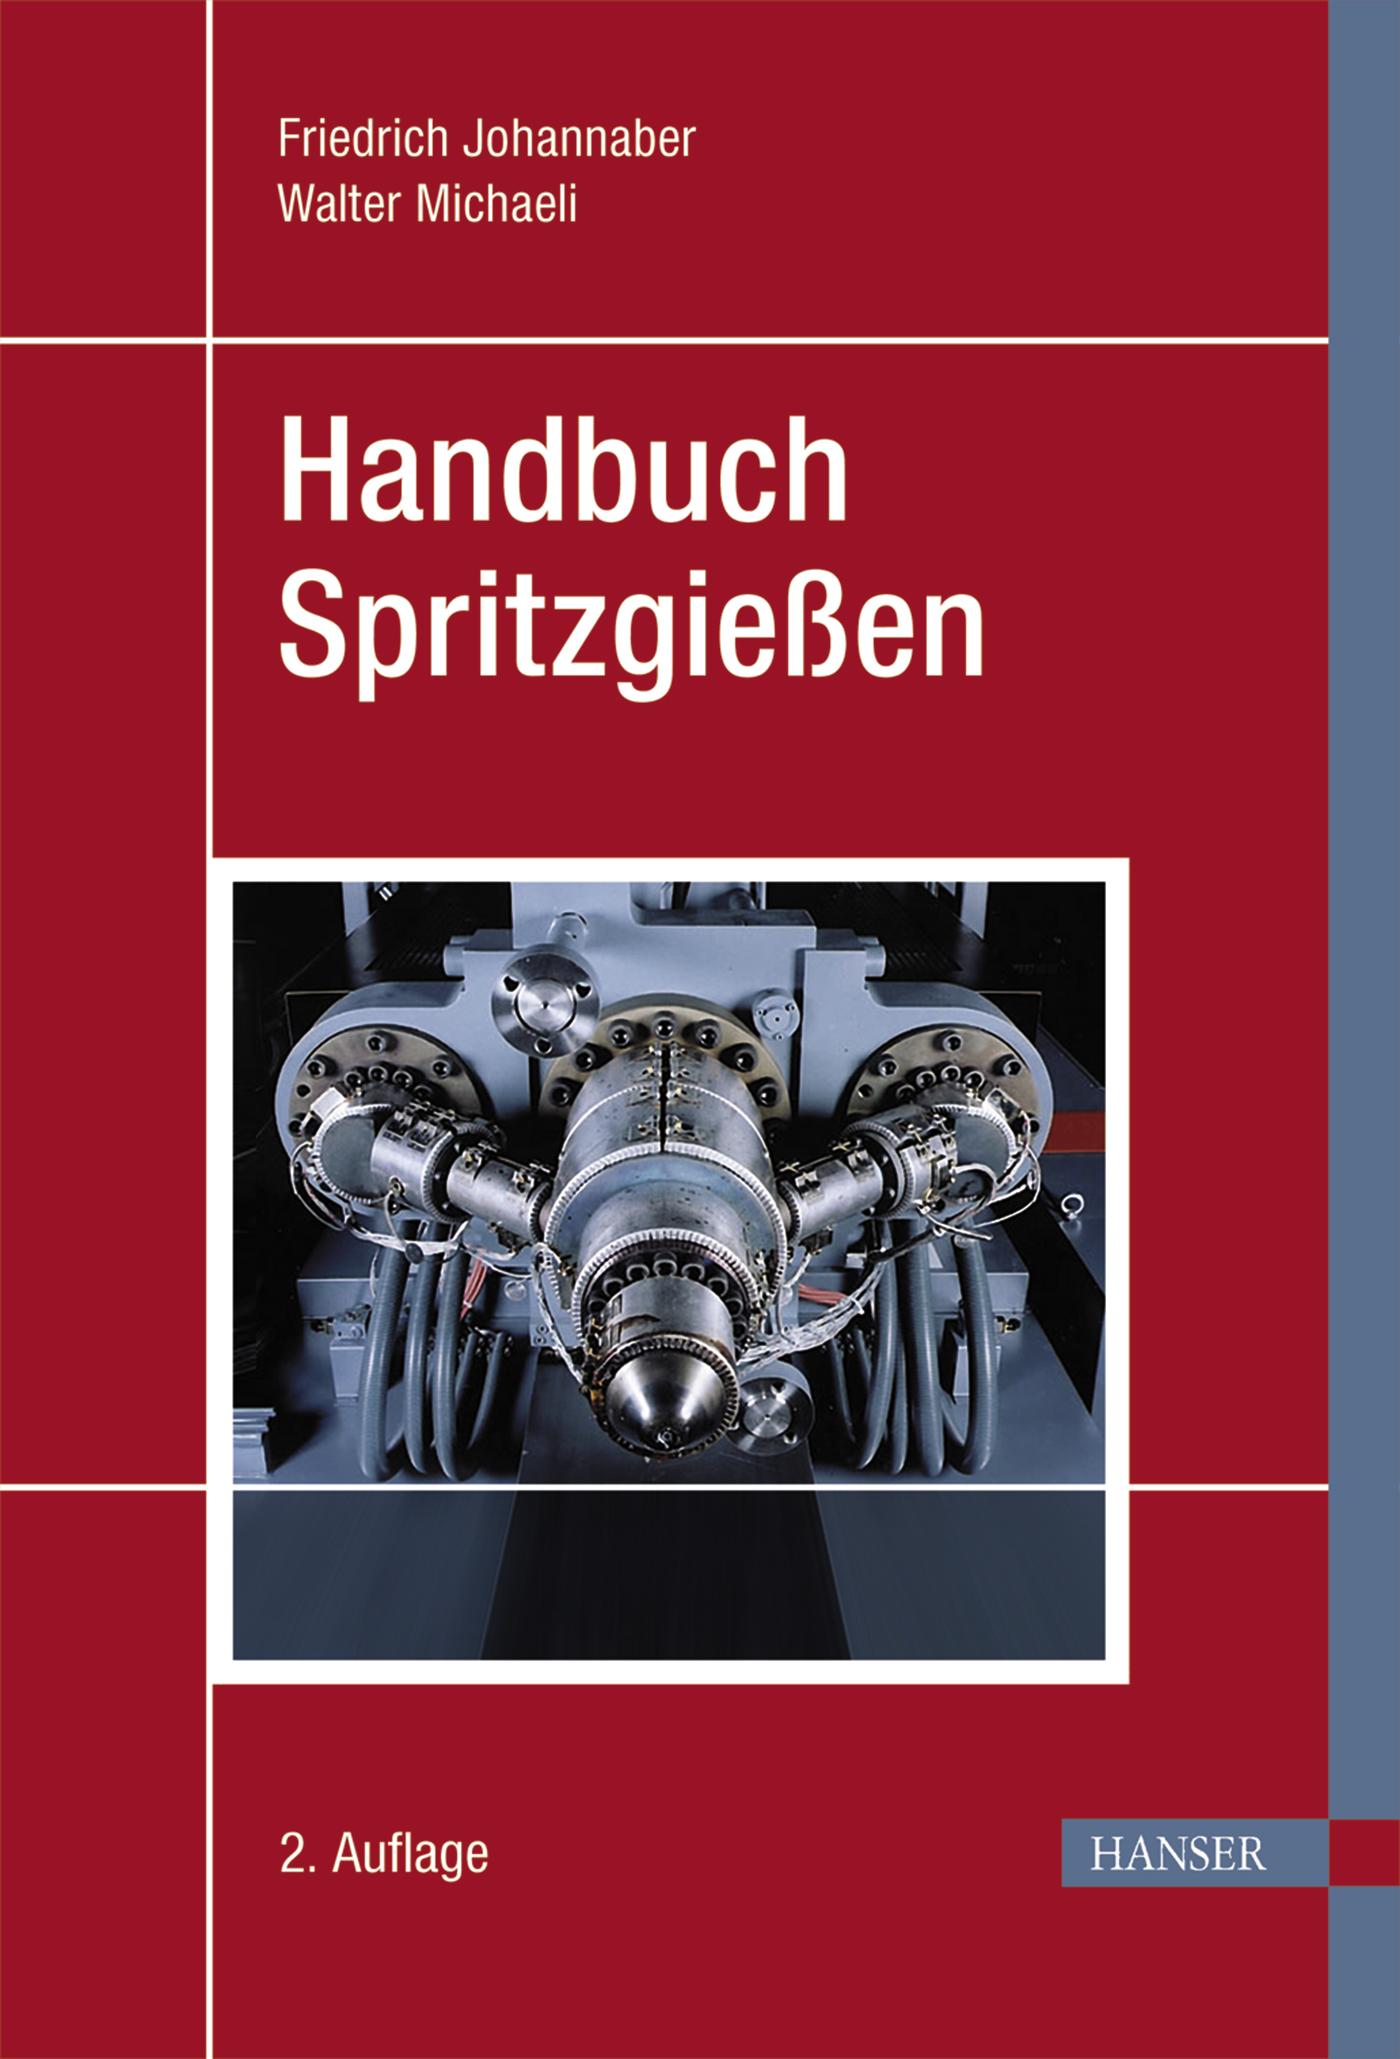 Johannaber, Michaeli, Handbuch Spritzgießen, 978-3-446-22966-2